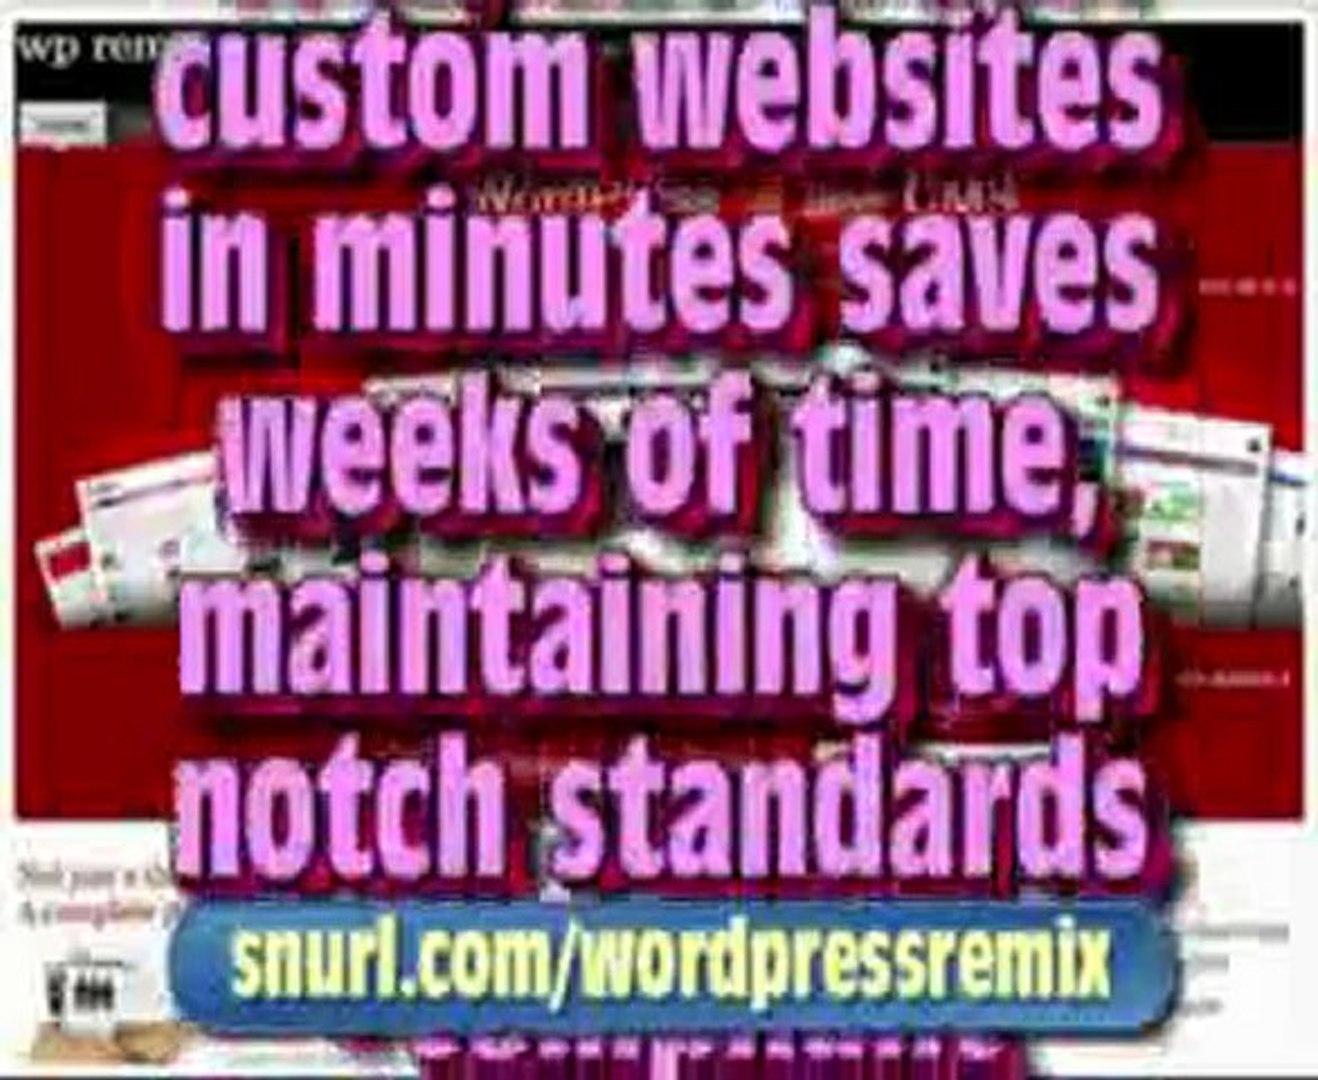 Blog Sites - Make Blog